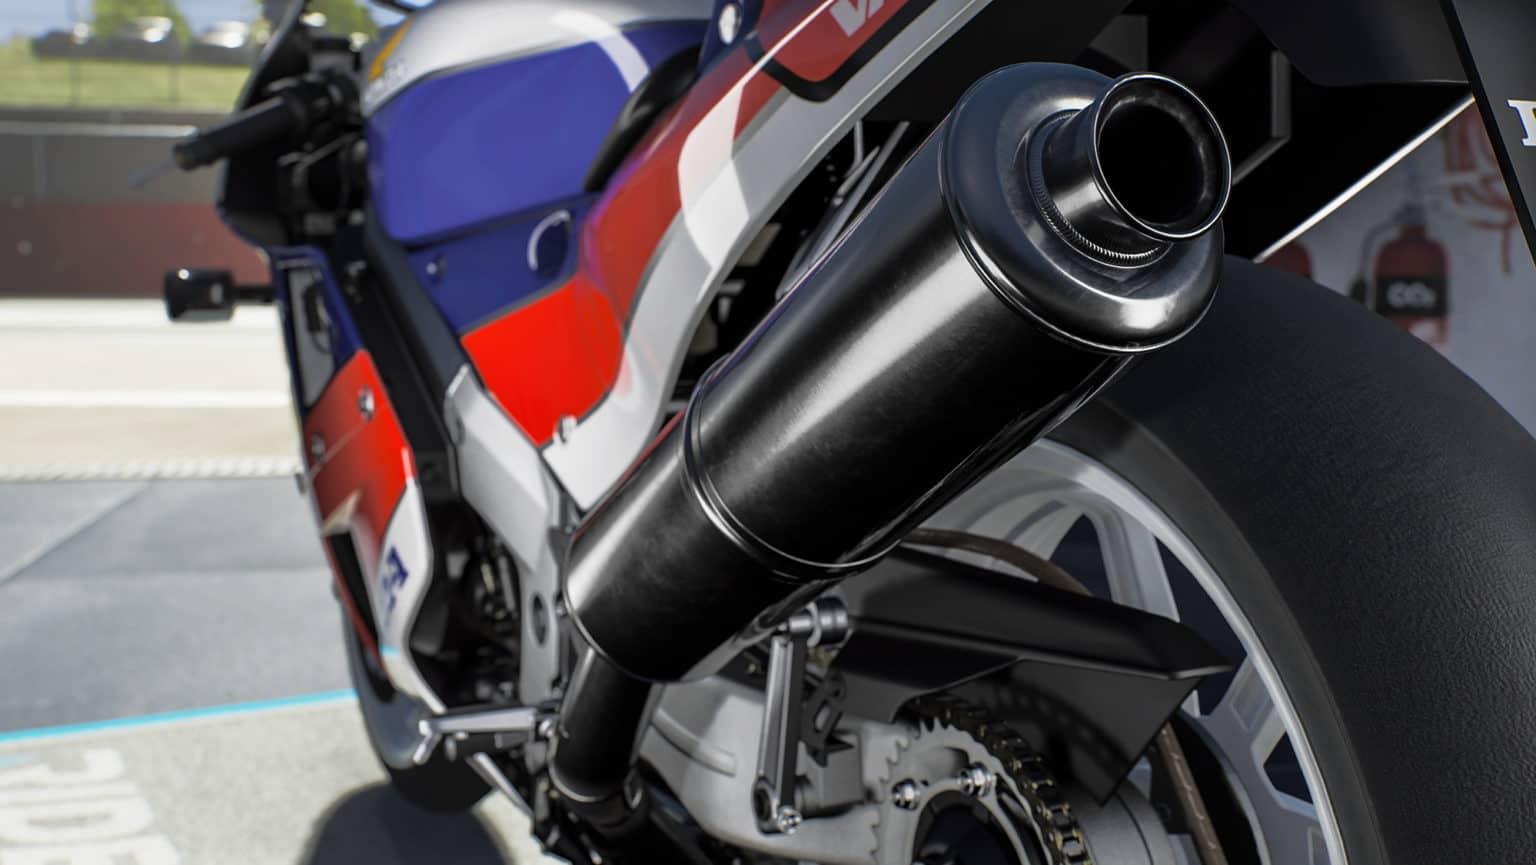 Le niveau de détail apporté aux motos de Ride 4 est vraiment étonnant - Ride 4